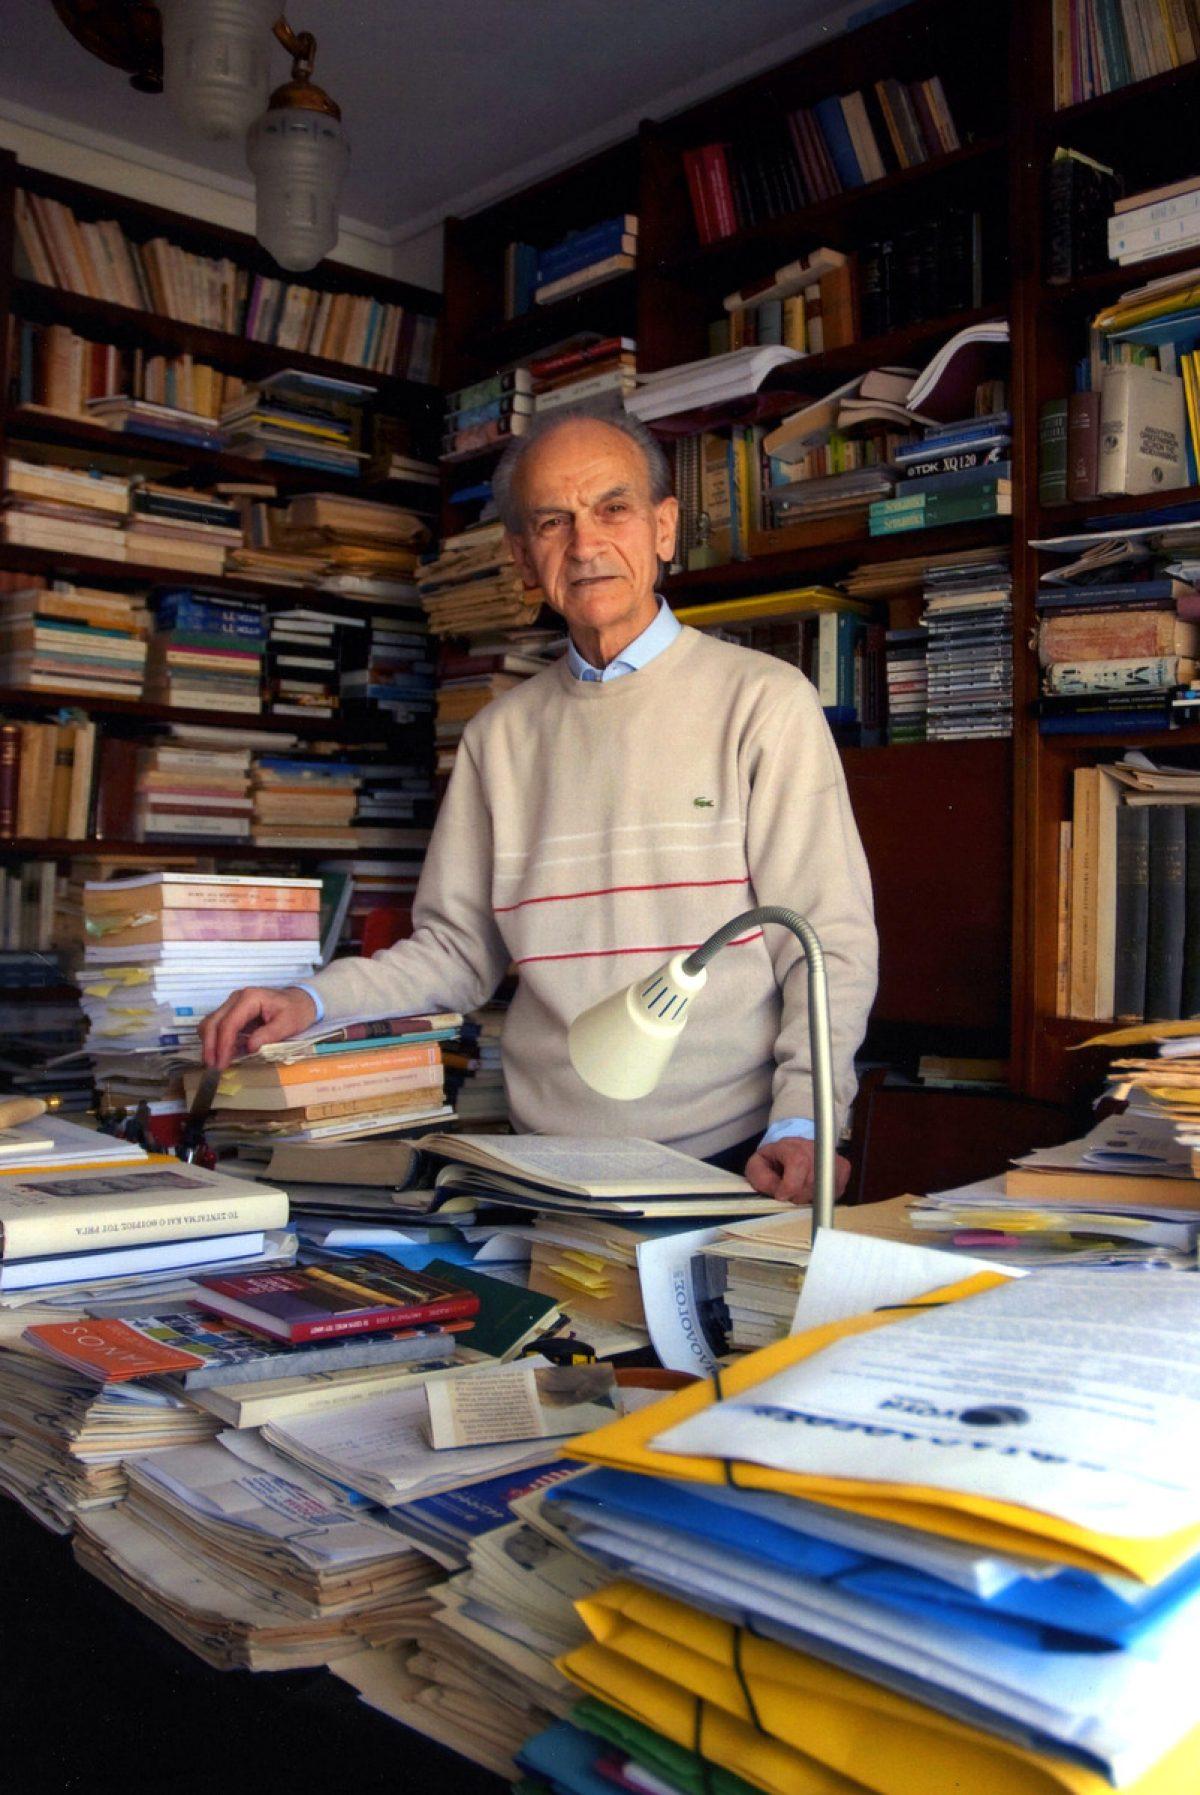 Χρίστος Τσολάκης: ένας από τους μεγαλύτερους παιδαγωγούς του 21ου αιώνα.